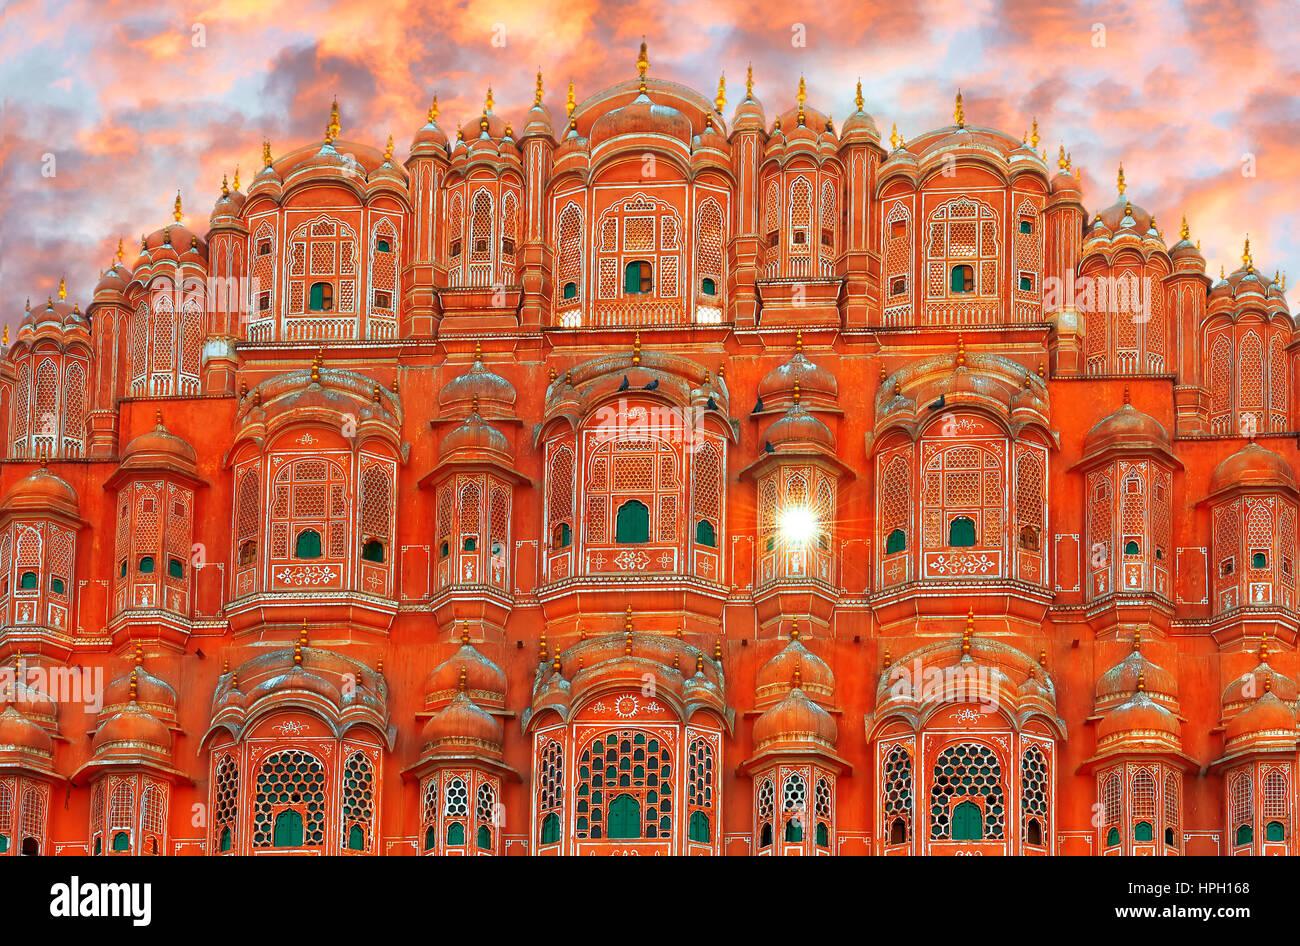 Hawa Mahal - complejo de palacio del maharajá de Jaipur, India Imagen De Stock